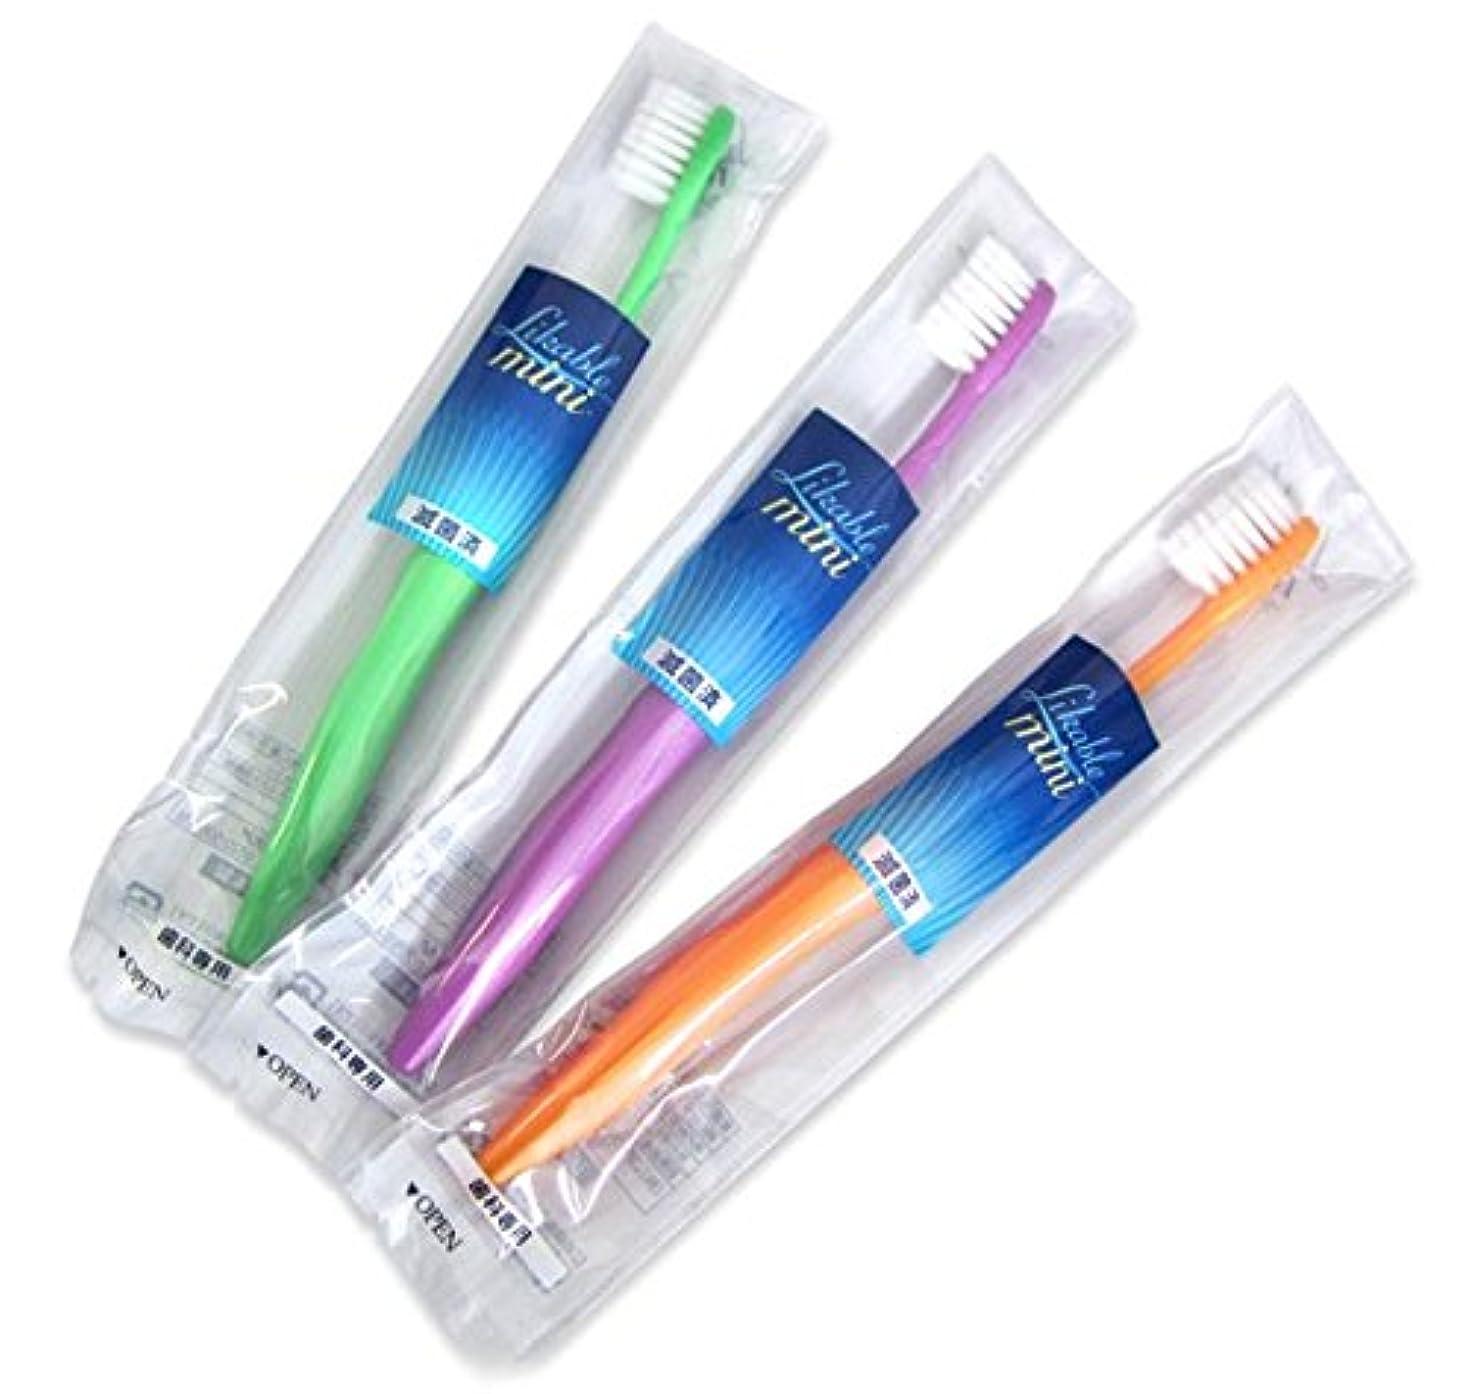 退院疑問を超えて汚染するライカブル ミニ歯ブラシ 12本入